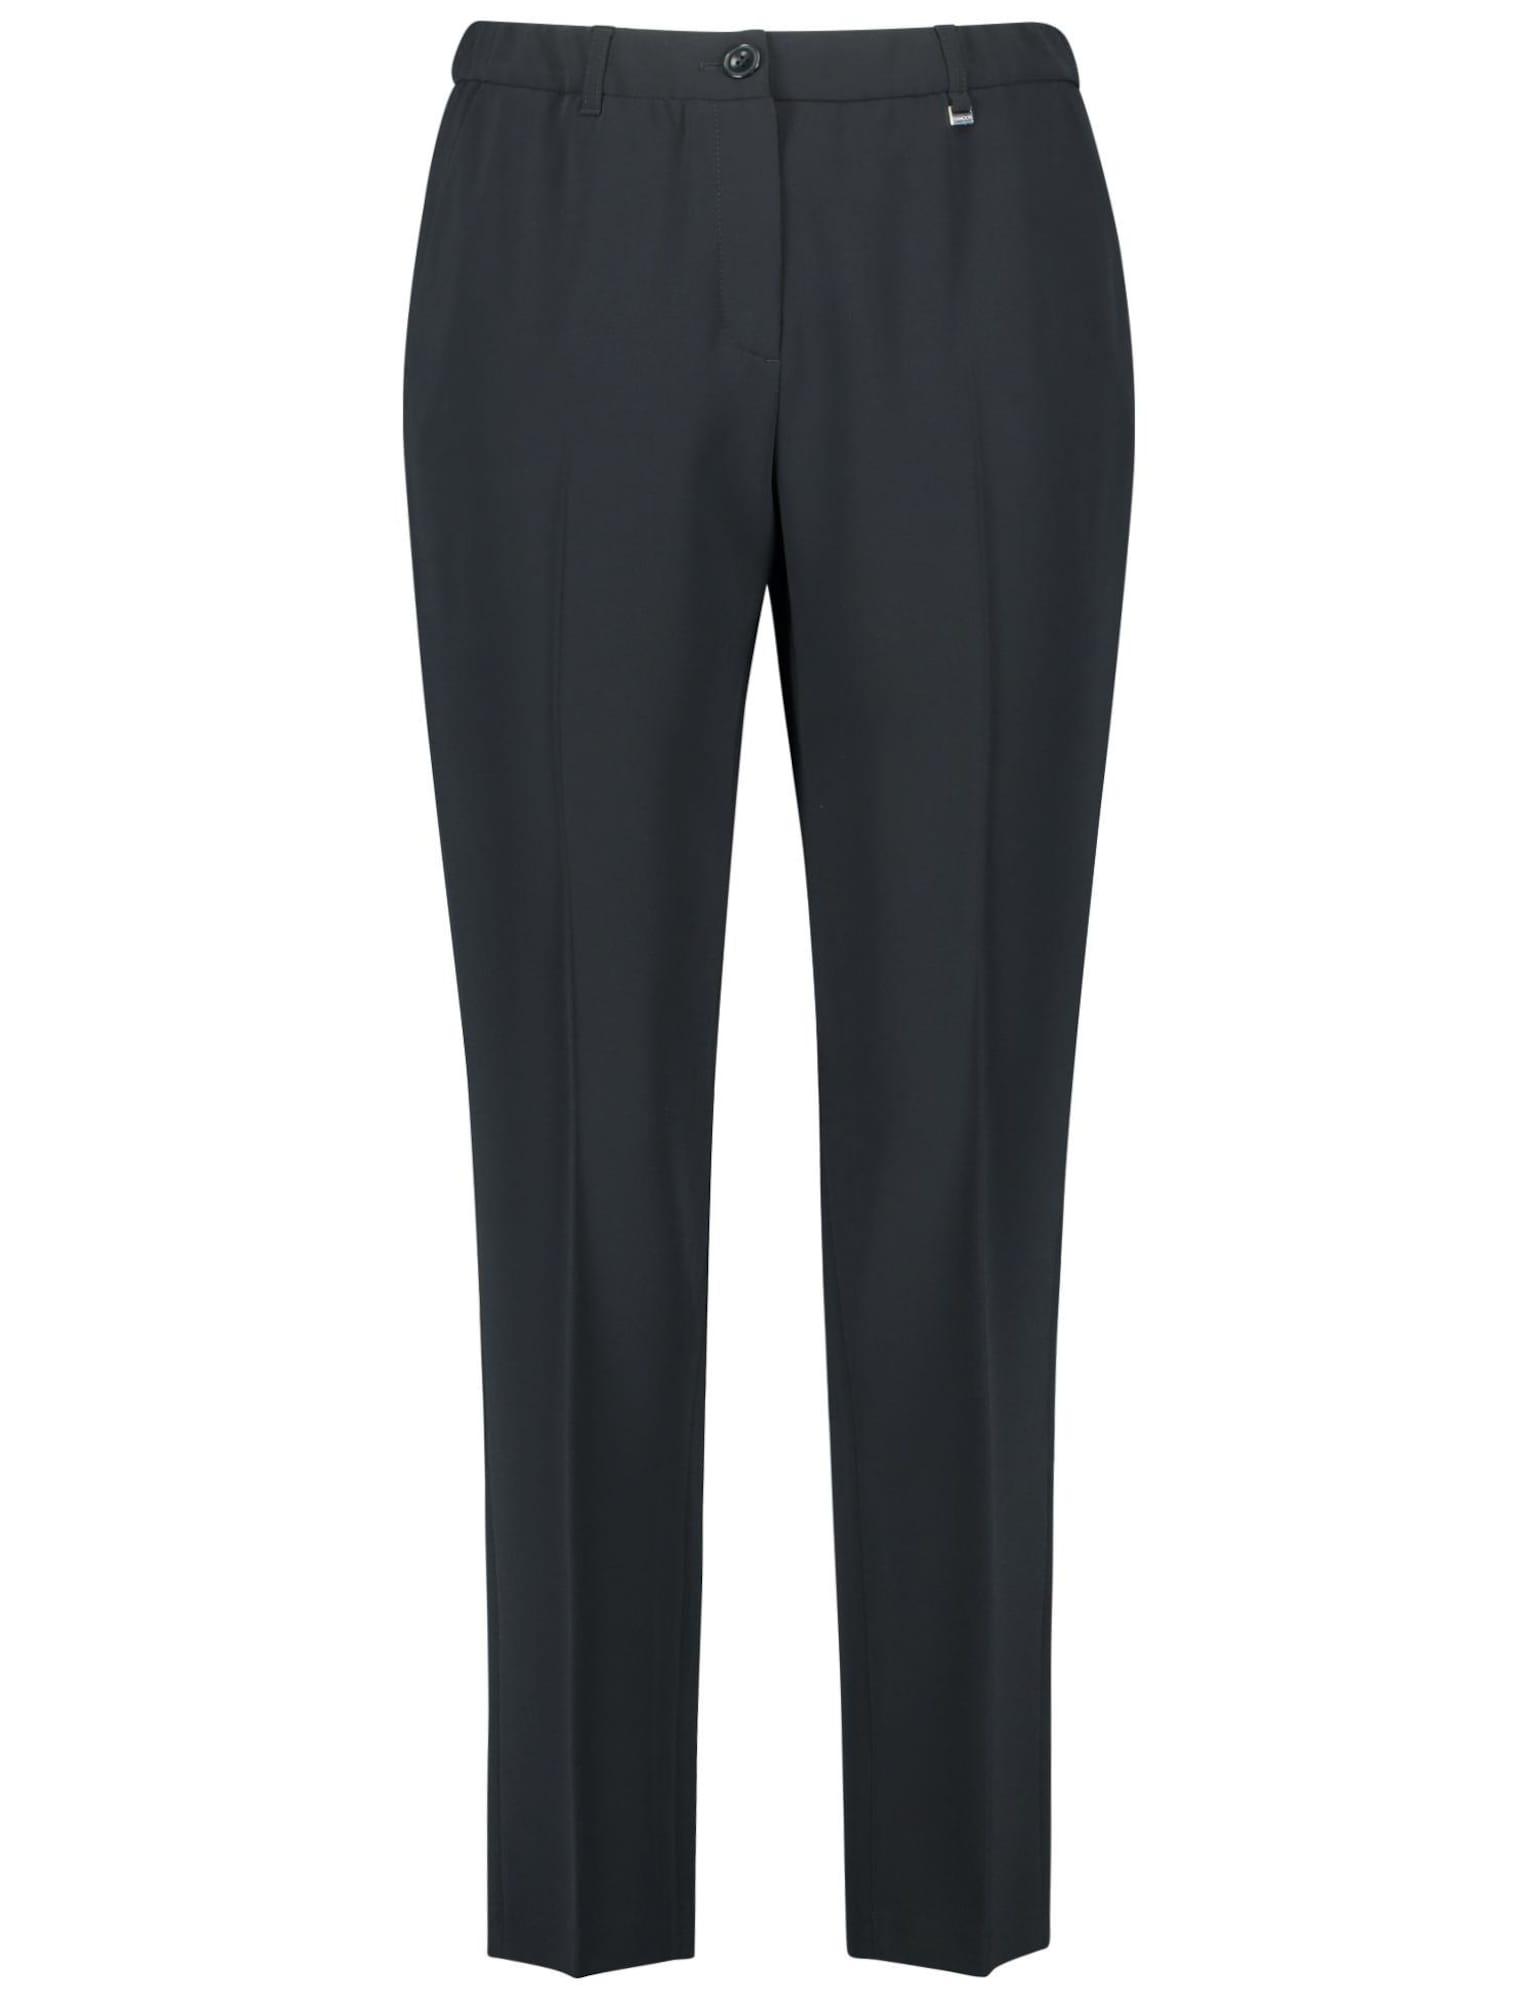 Bügelfaltenhose 'Greta' | Bekleidung > Hosen > Bügelfaltenhosen | SAMOON